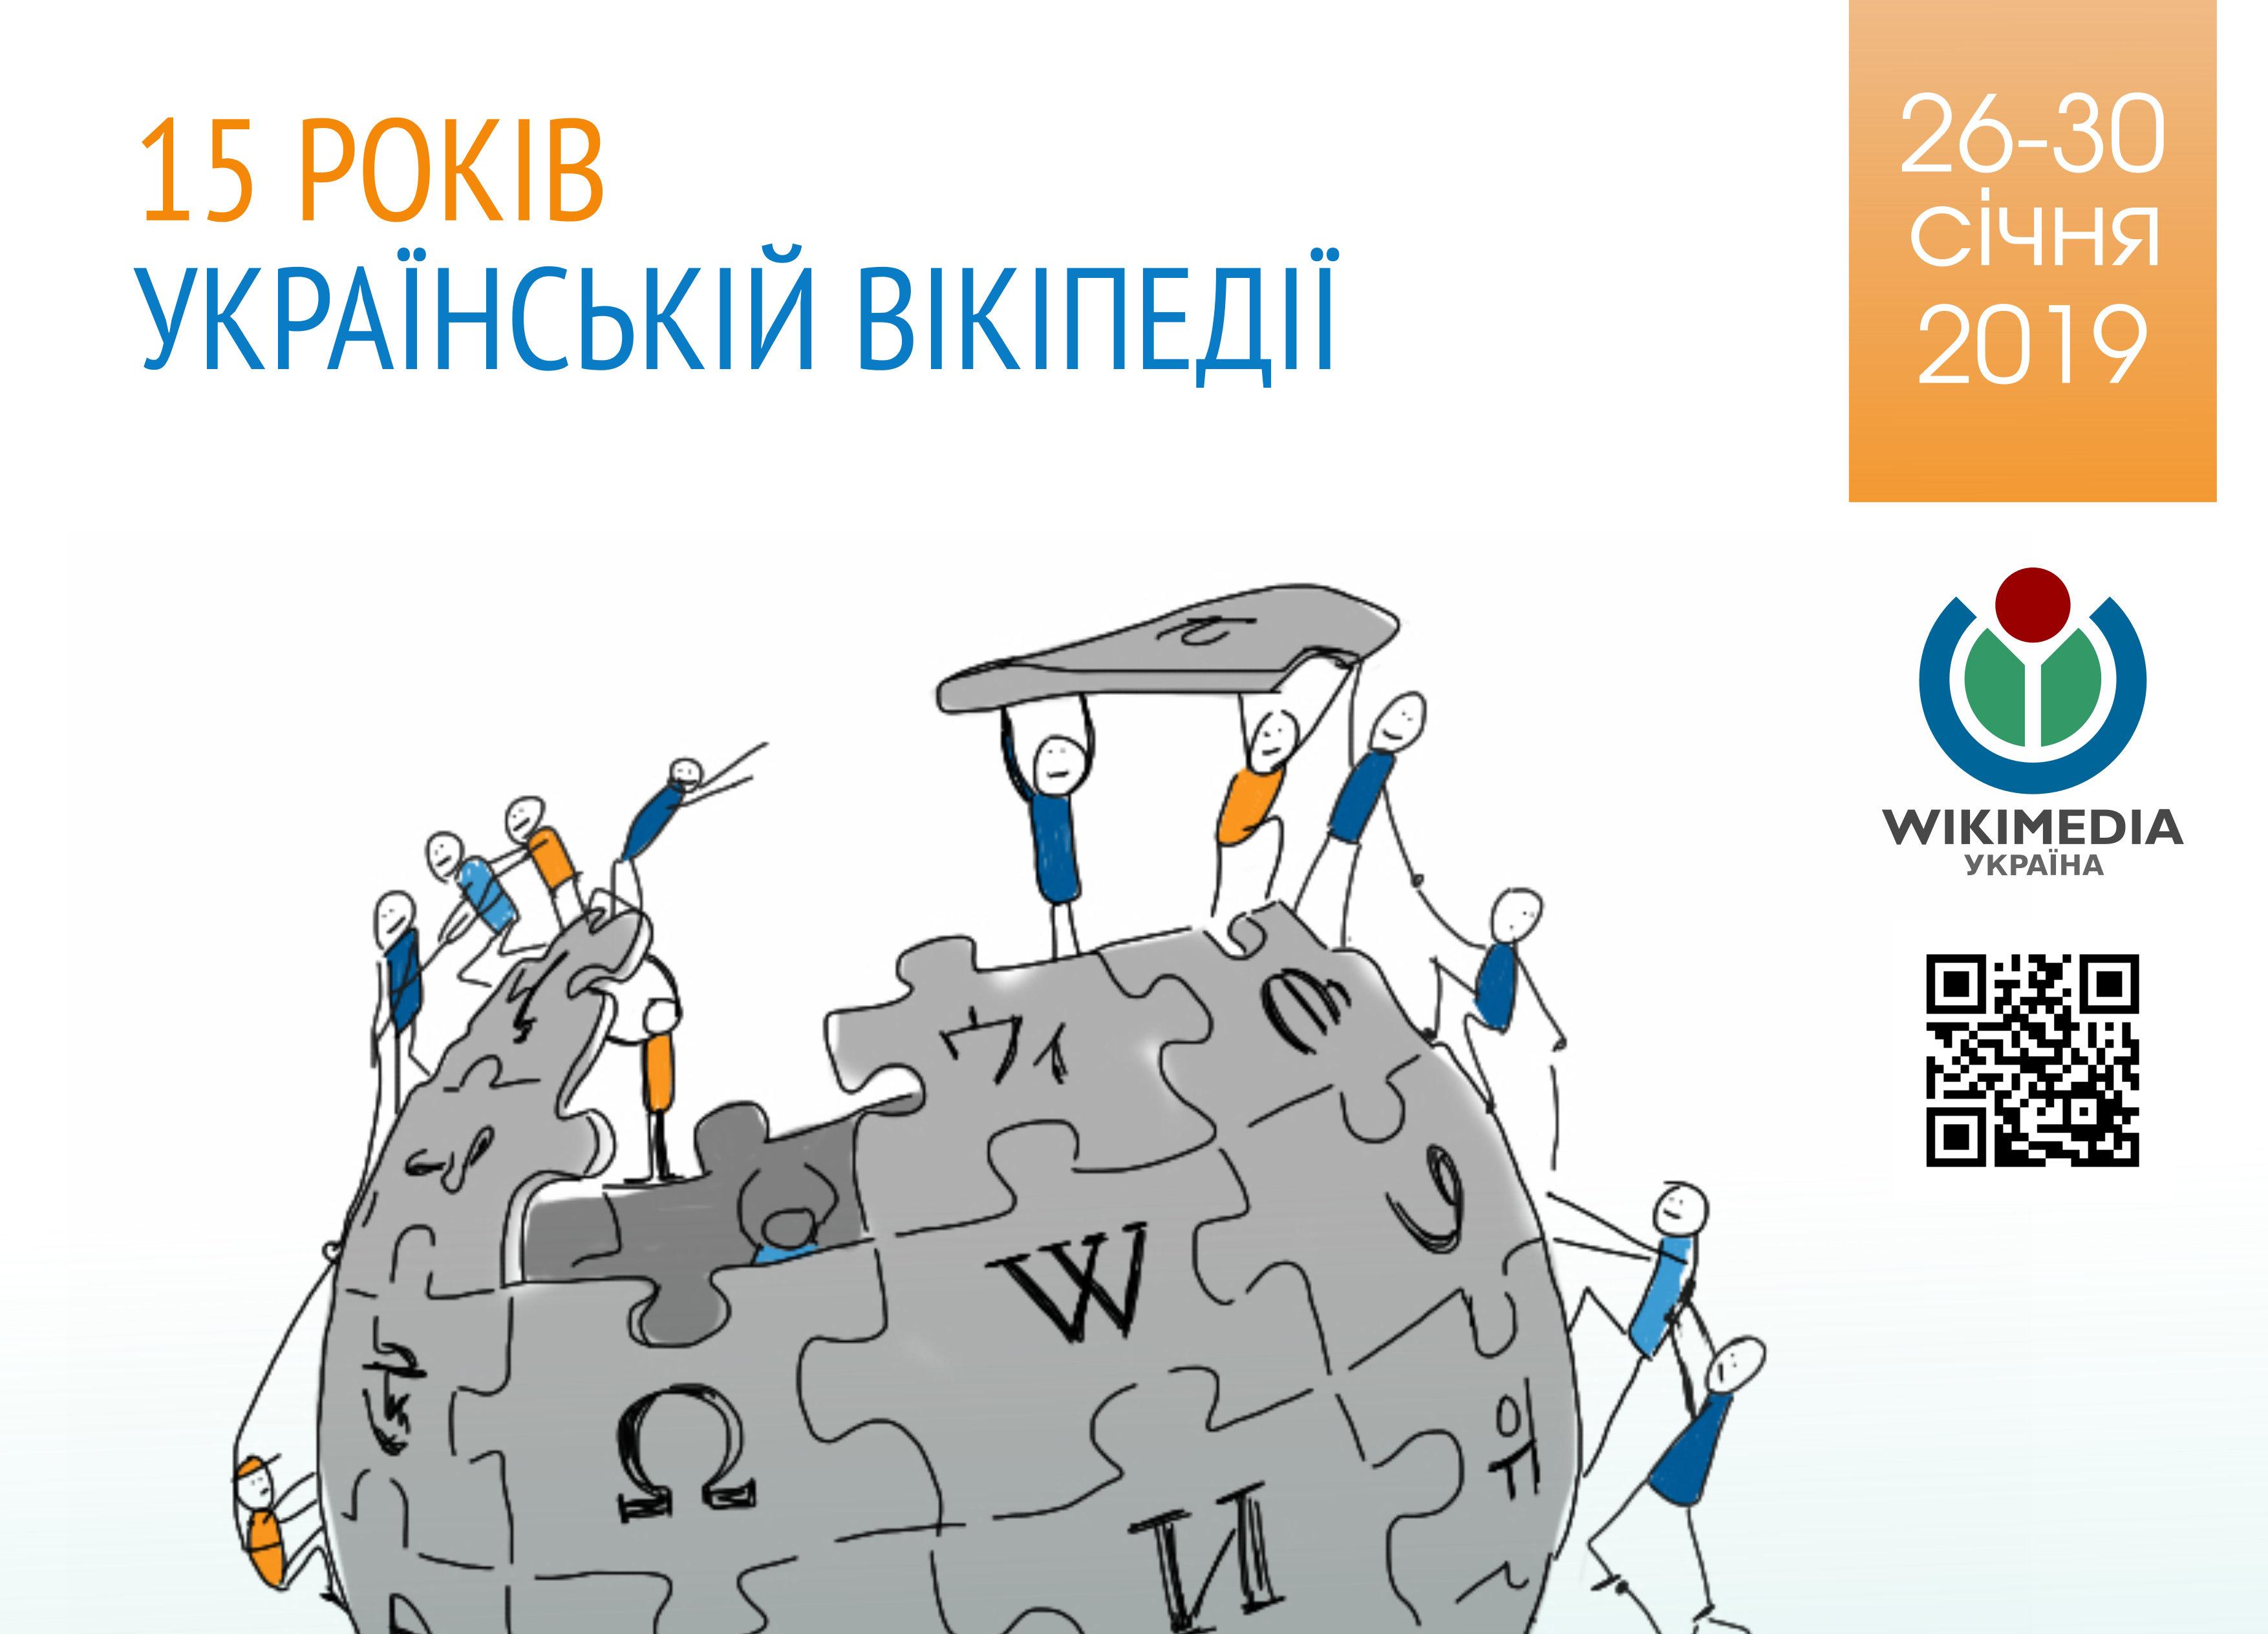 Привітай улюблену Вікіпедію – напиши в ній статтю!